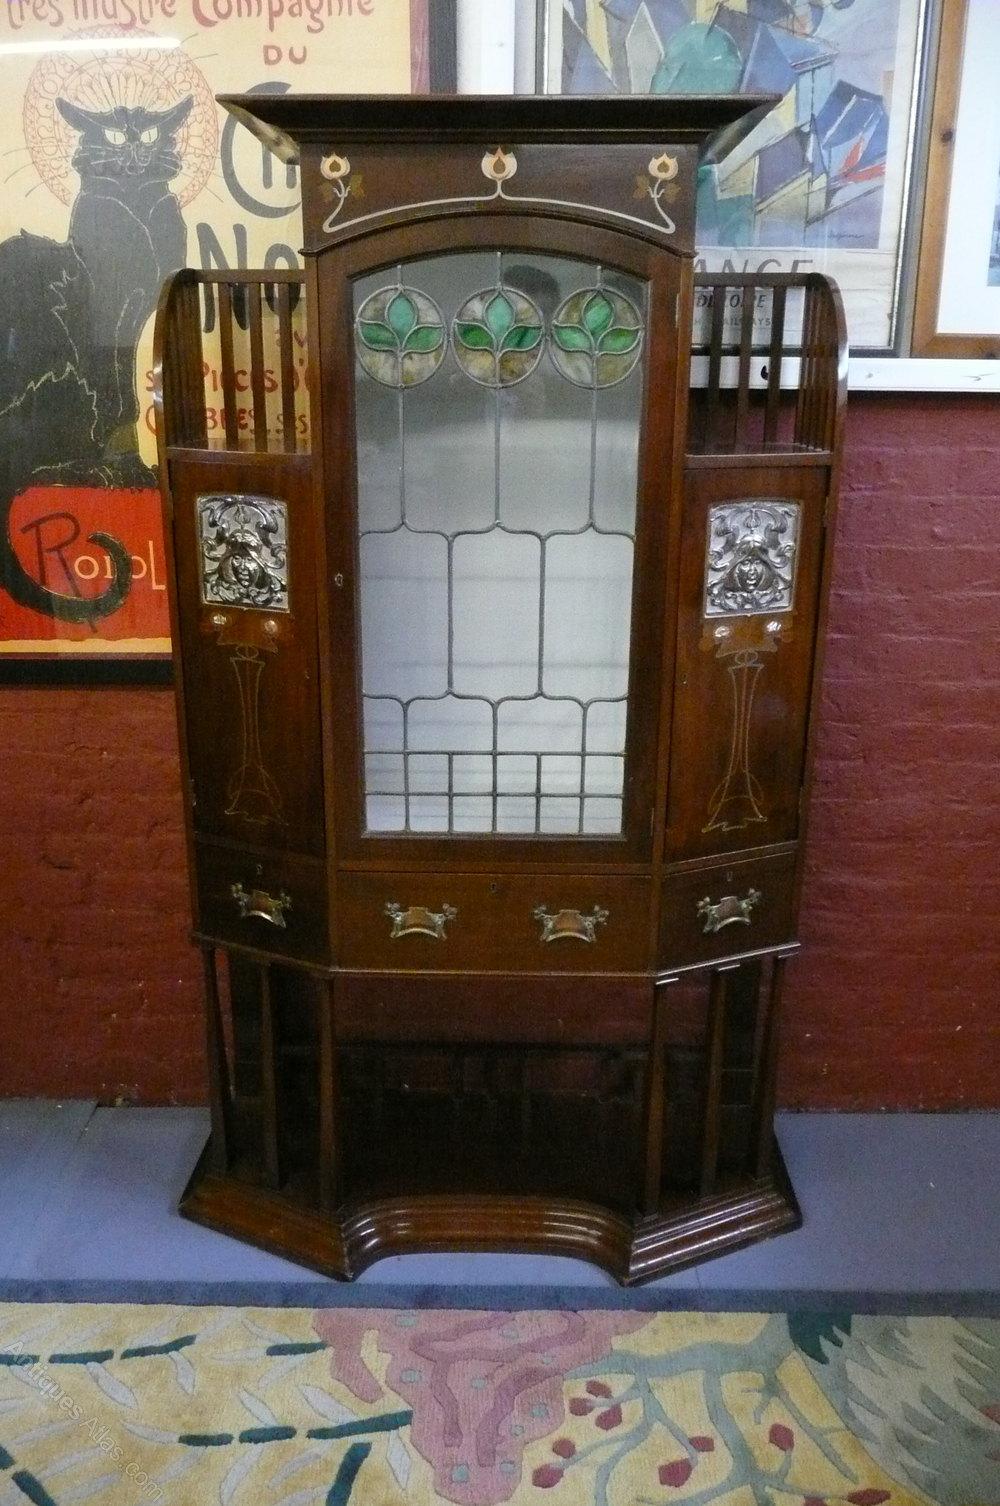 Stunning Art Nouveau Cabinet c 1890-1900 Antique ... - Stunning Art Nouveau Cabinet C 1890-1900 - Antiques Atlas